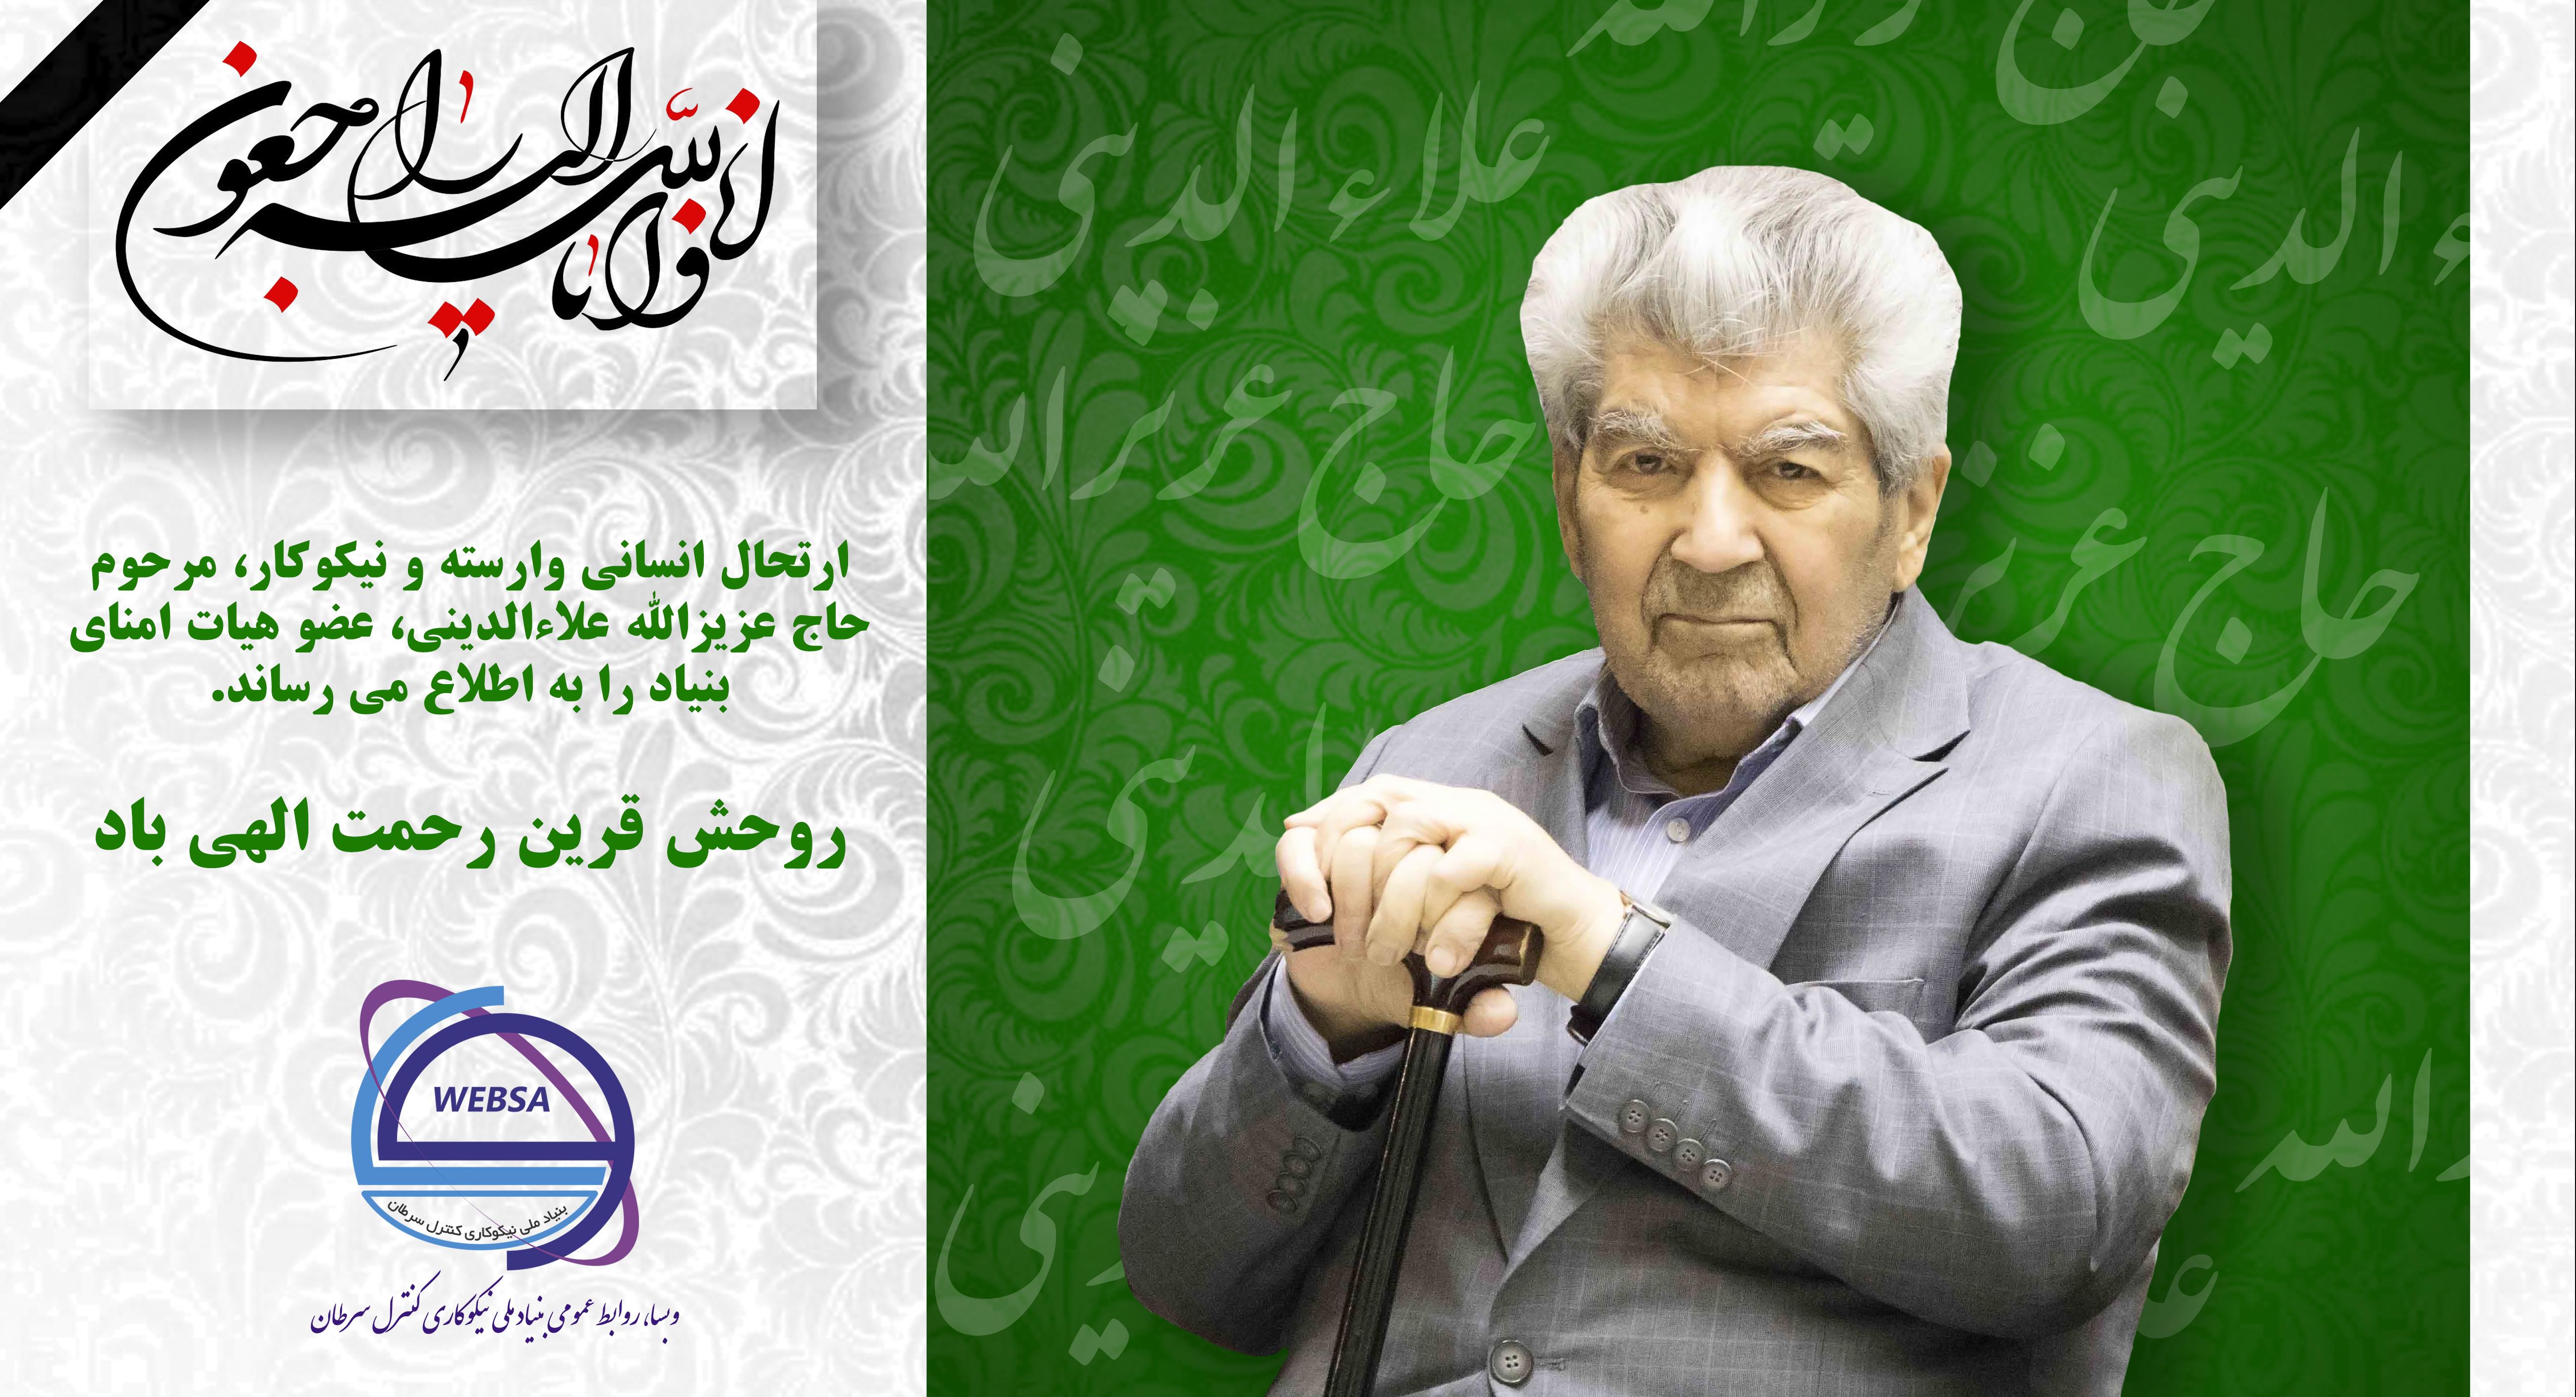 مرحوم حاج عزیزالله علاءالدینی